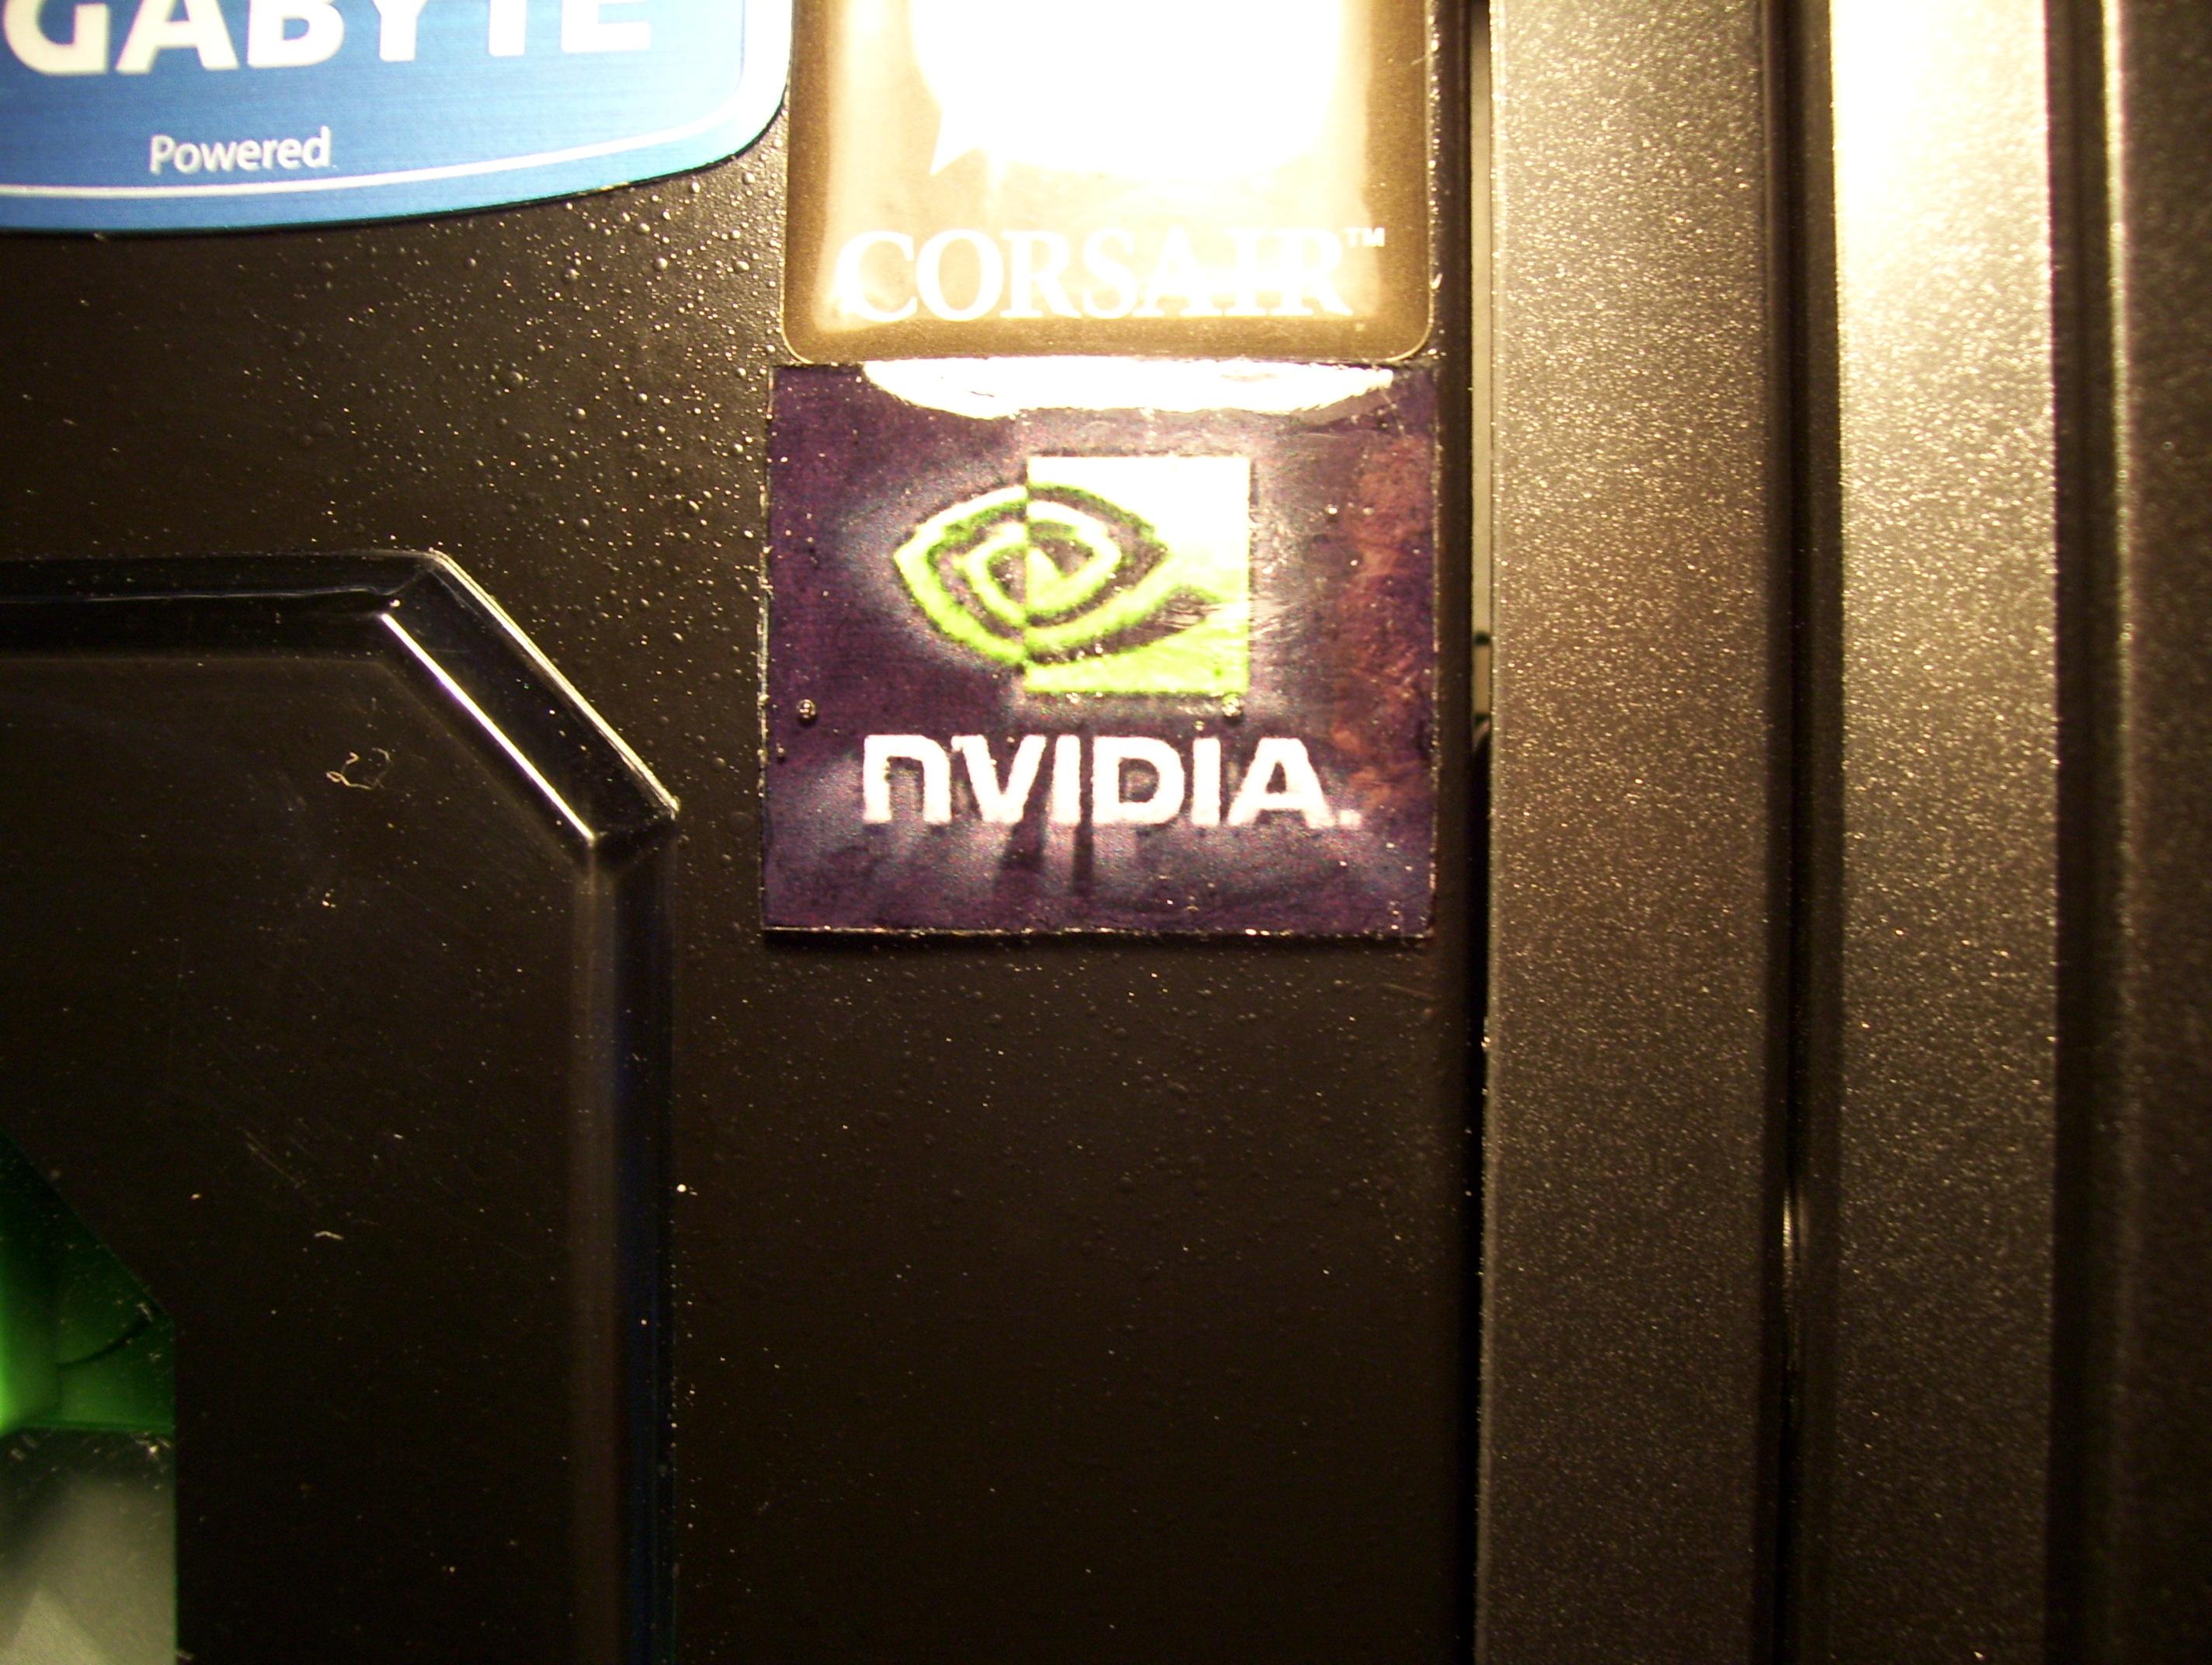 DIY Computer Case Badge!